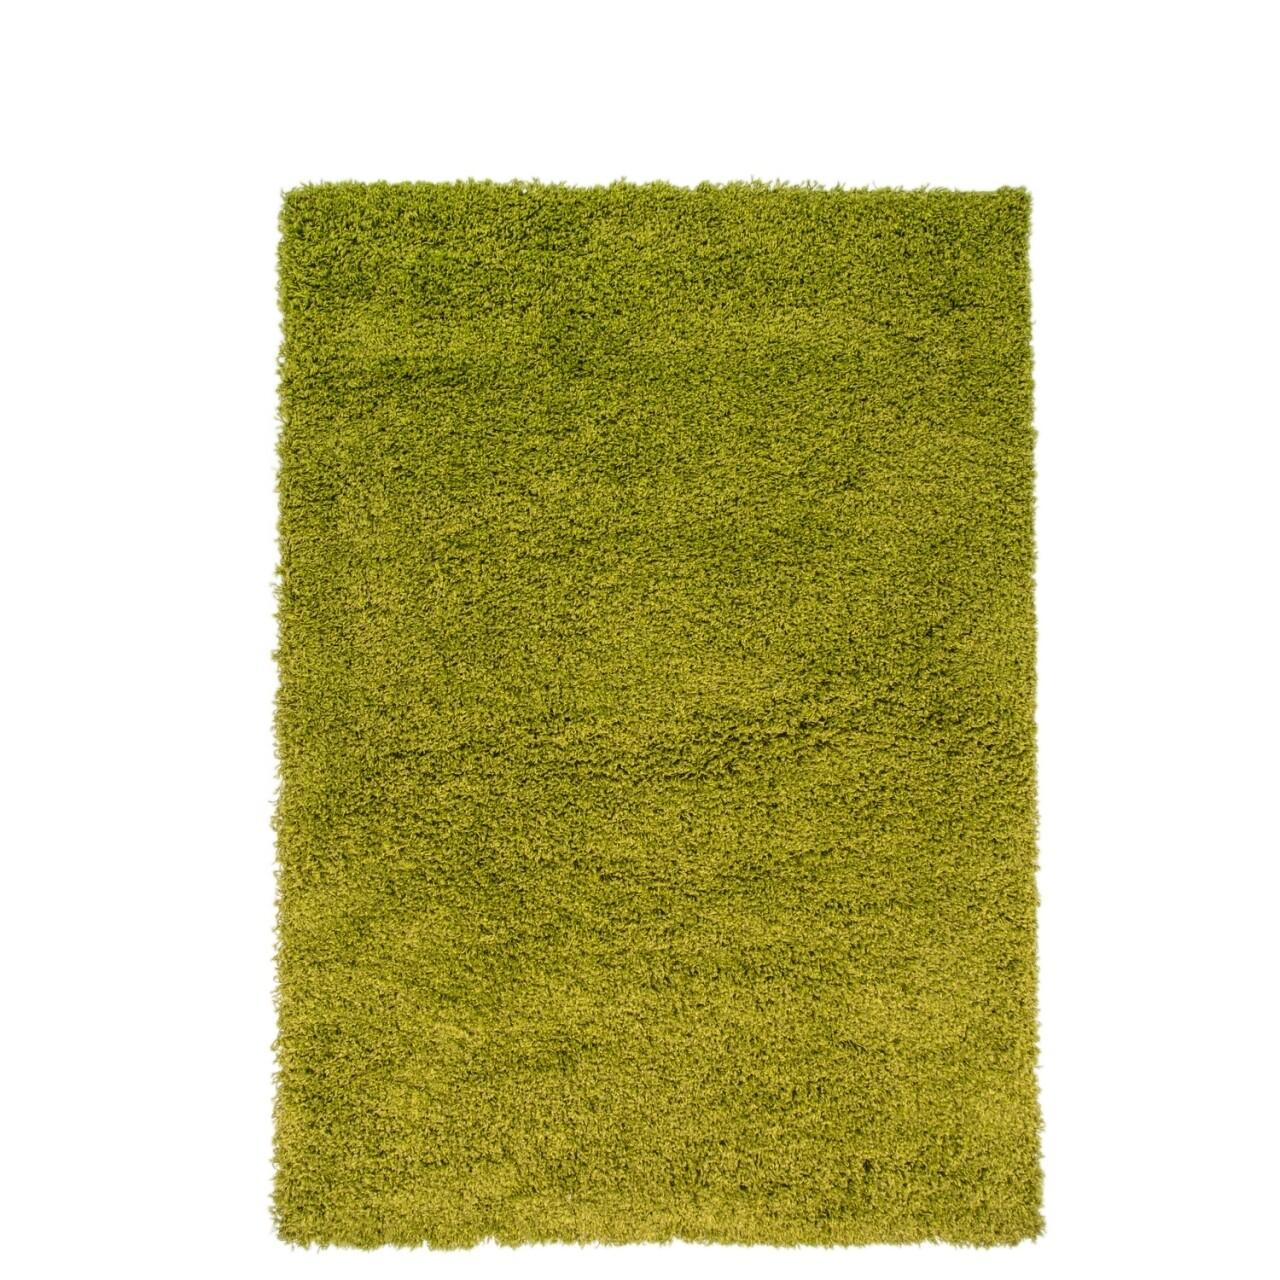 Covor Cariboo Green, Flair Rugs, 120 x 170 cm, 100% polipropilena, verde